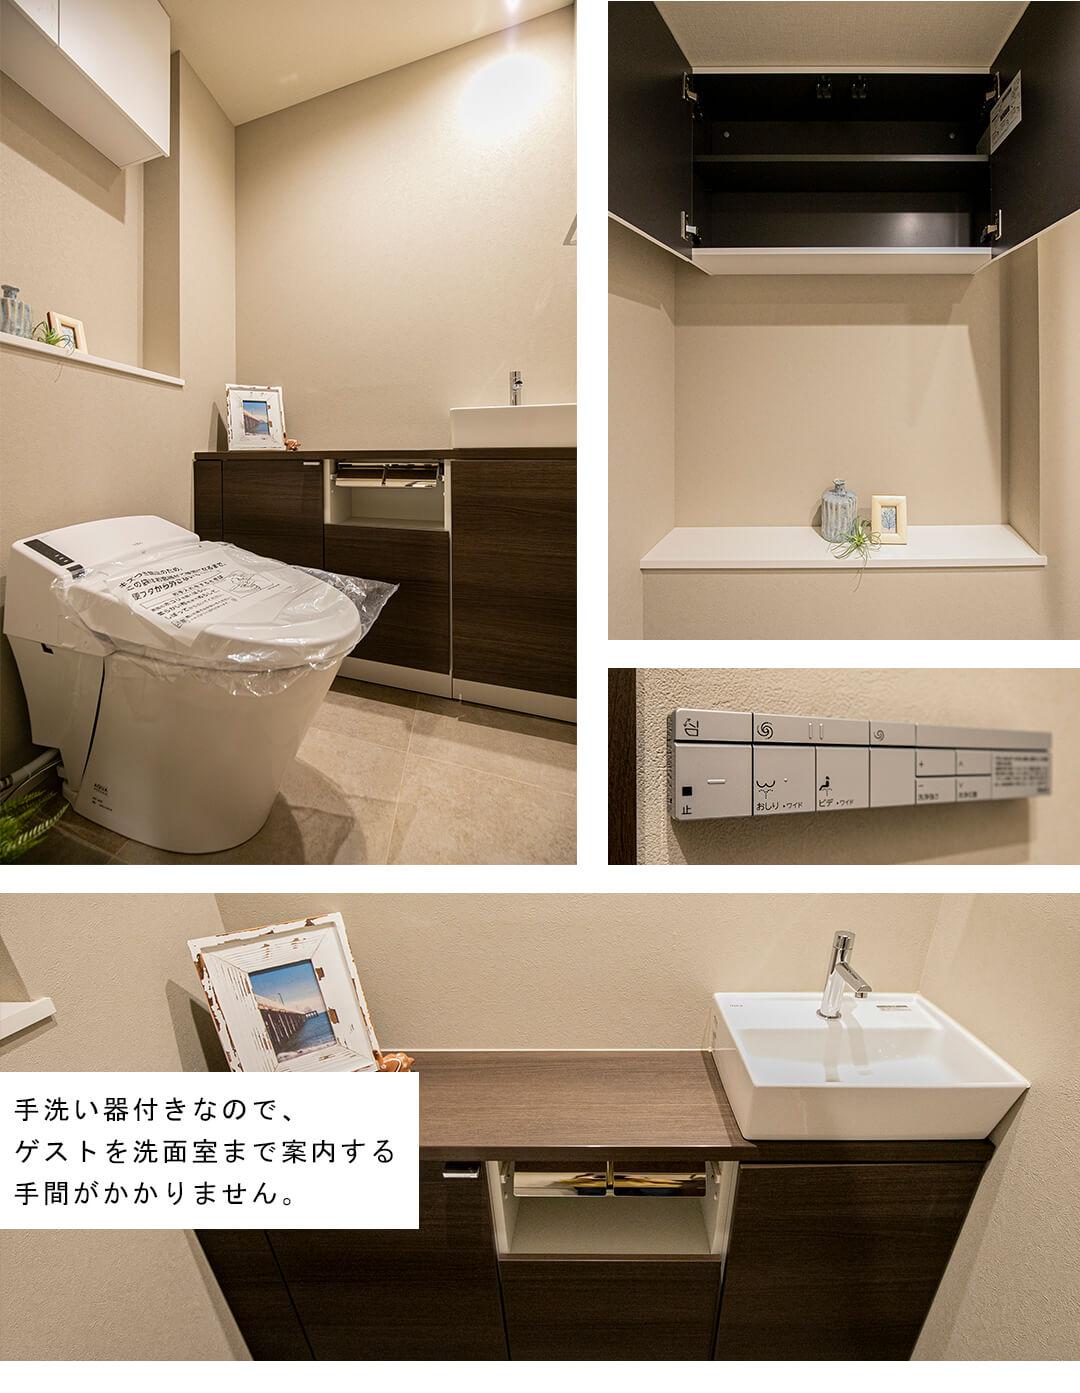 西荻窪デュープレックスのトイレ